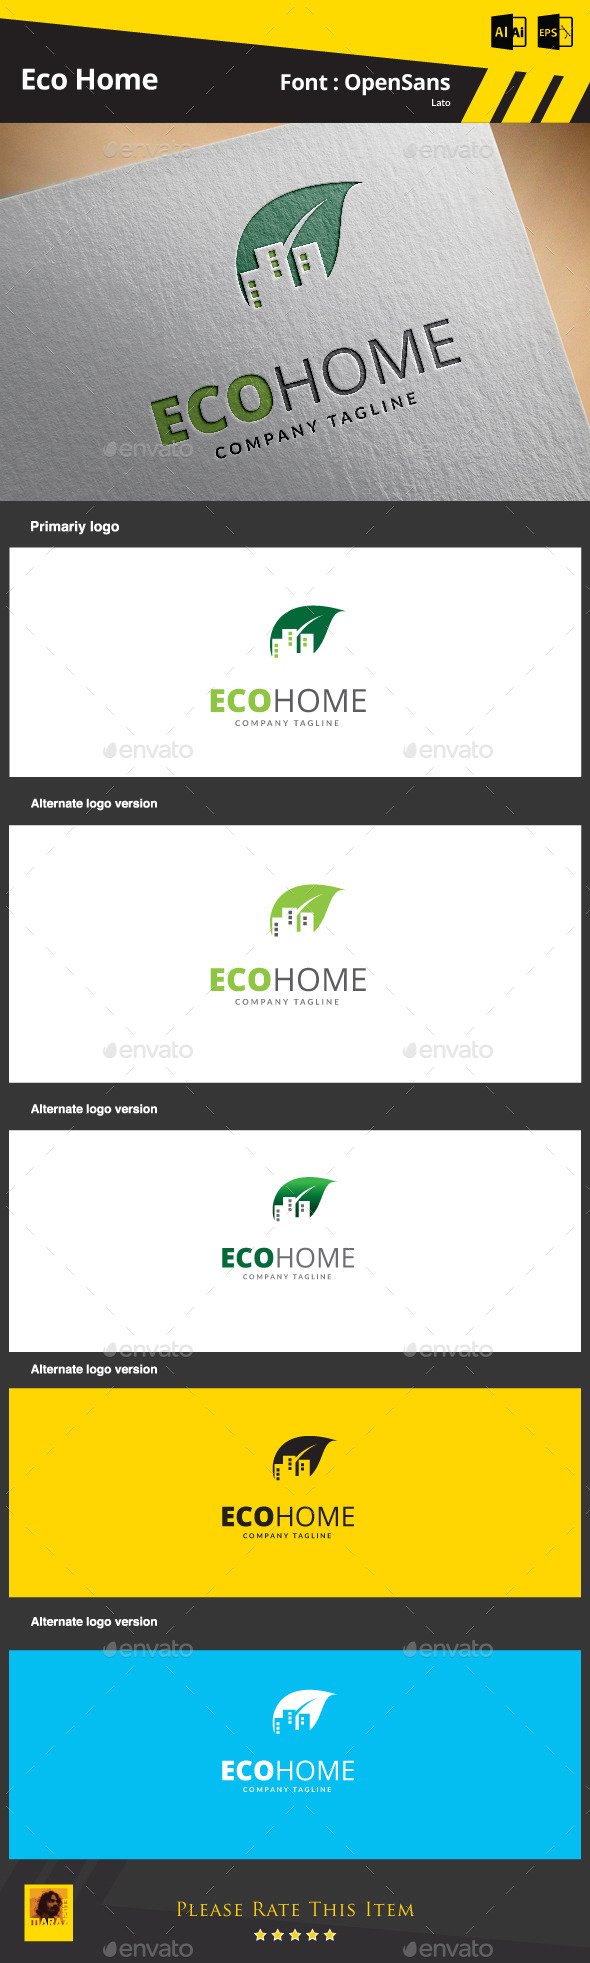 GraphicRiver Eco Home 9264268